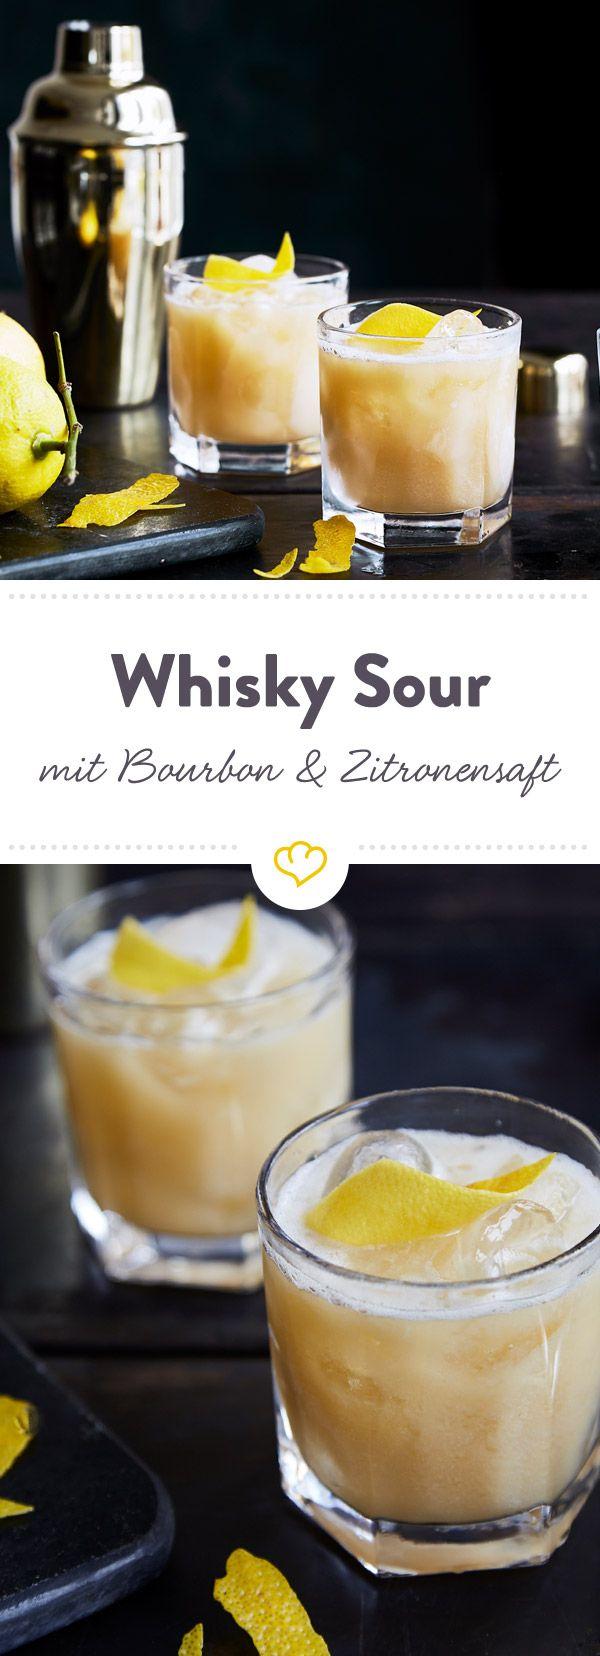 Mix dir einen absoluten Cocktail-Klassiker. Original Whisky Sour mit Bourbon, Zitronensaft, Zuckersirup und Eiweiß. Das einzig wahre Rezept.